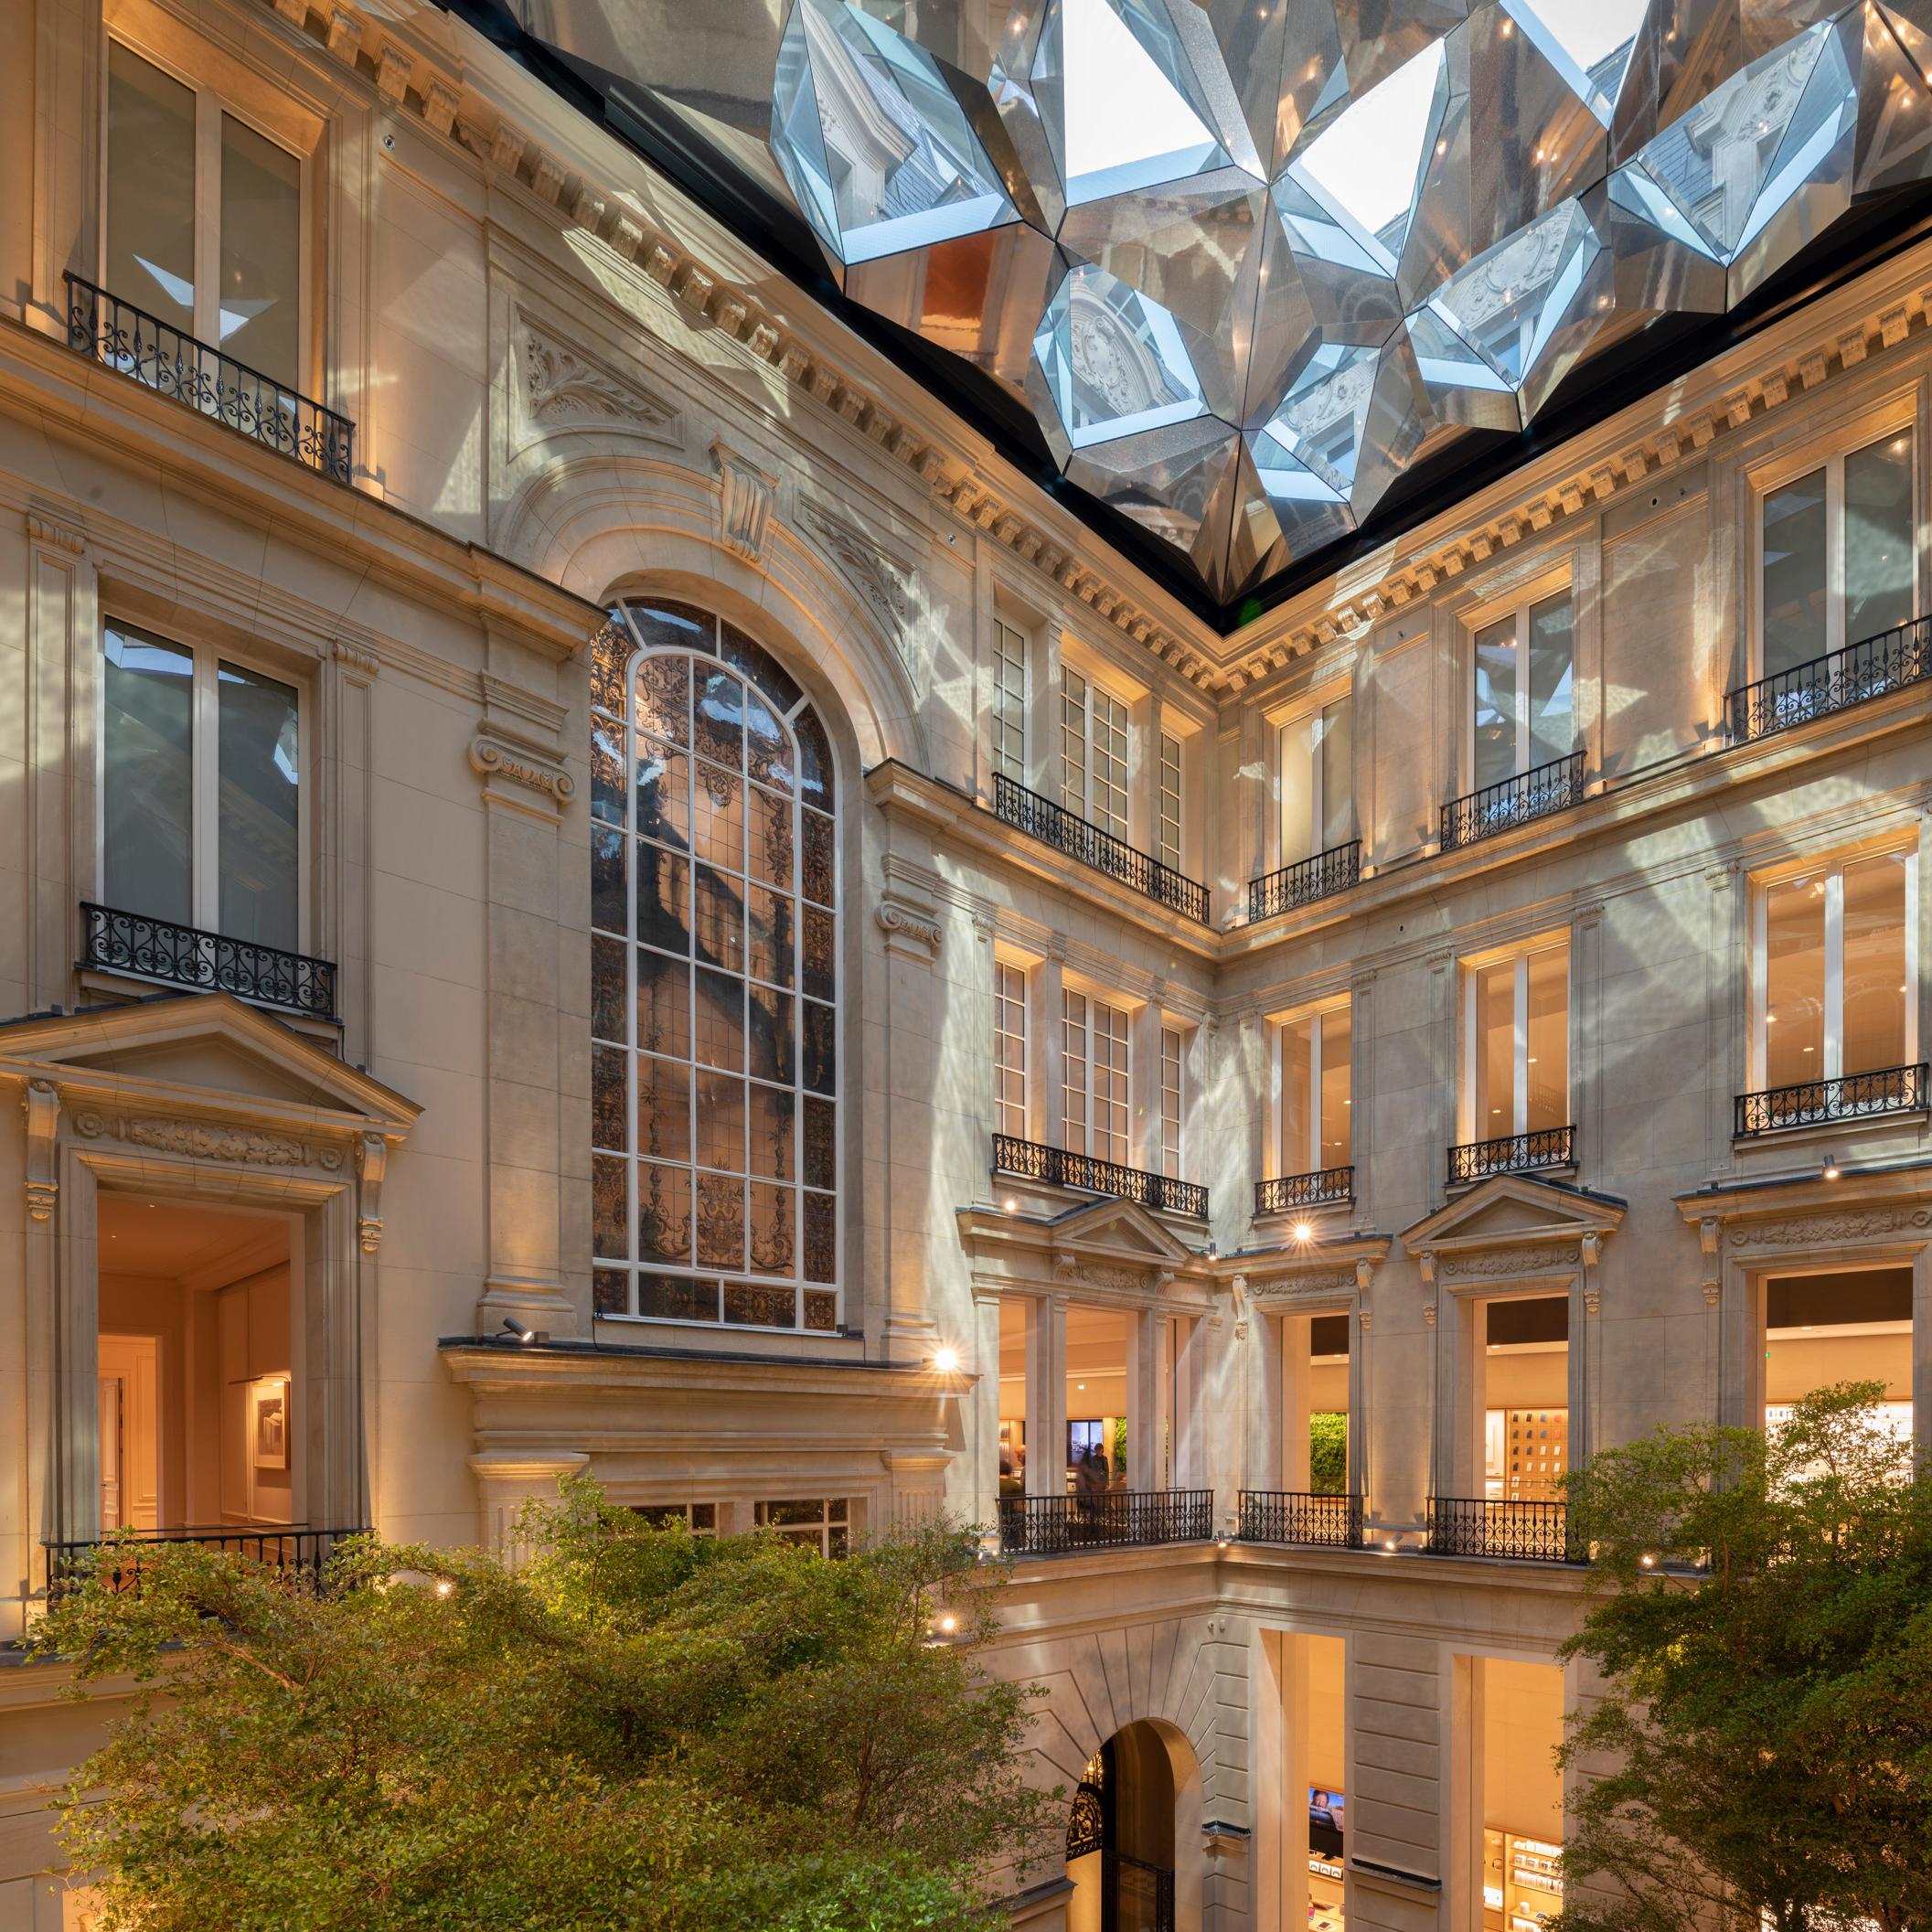 Foster + Partners Apple stores: Foster + Partners' unveils Apple Store on Champs-Élysées in Paris